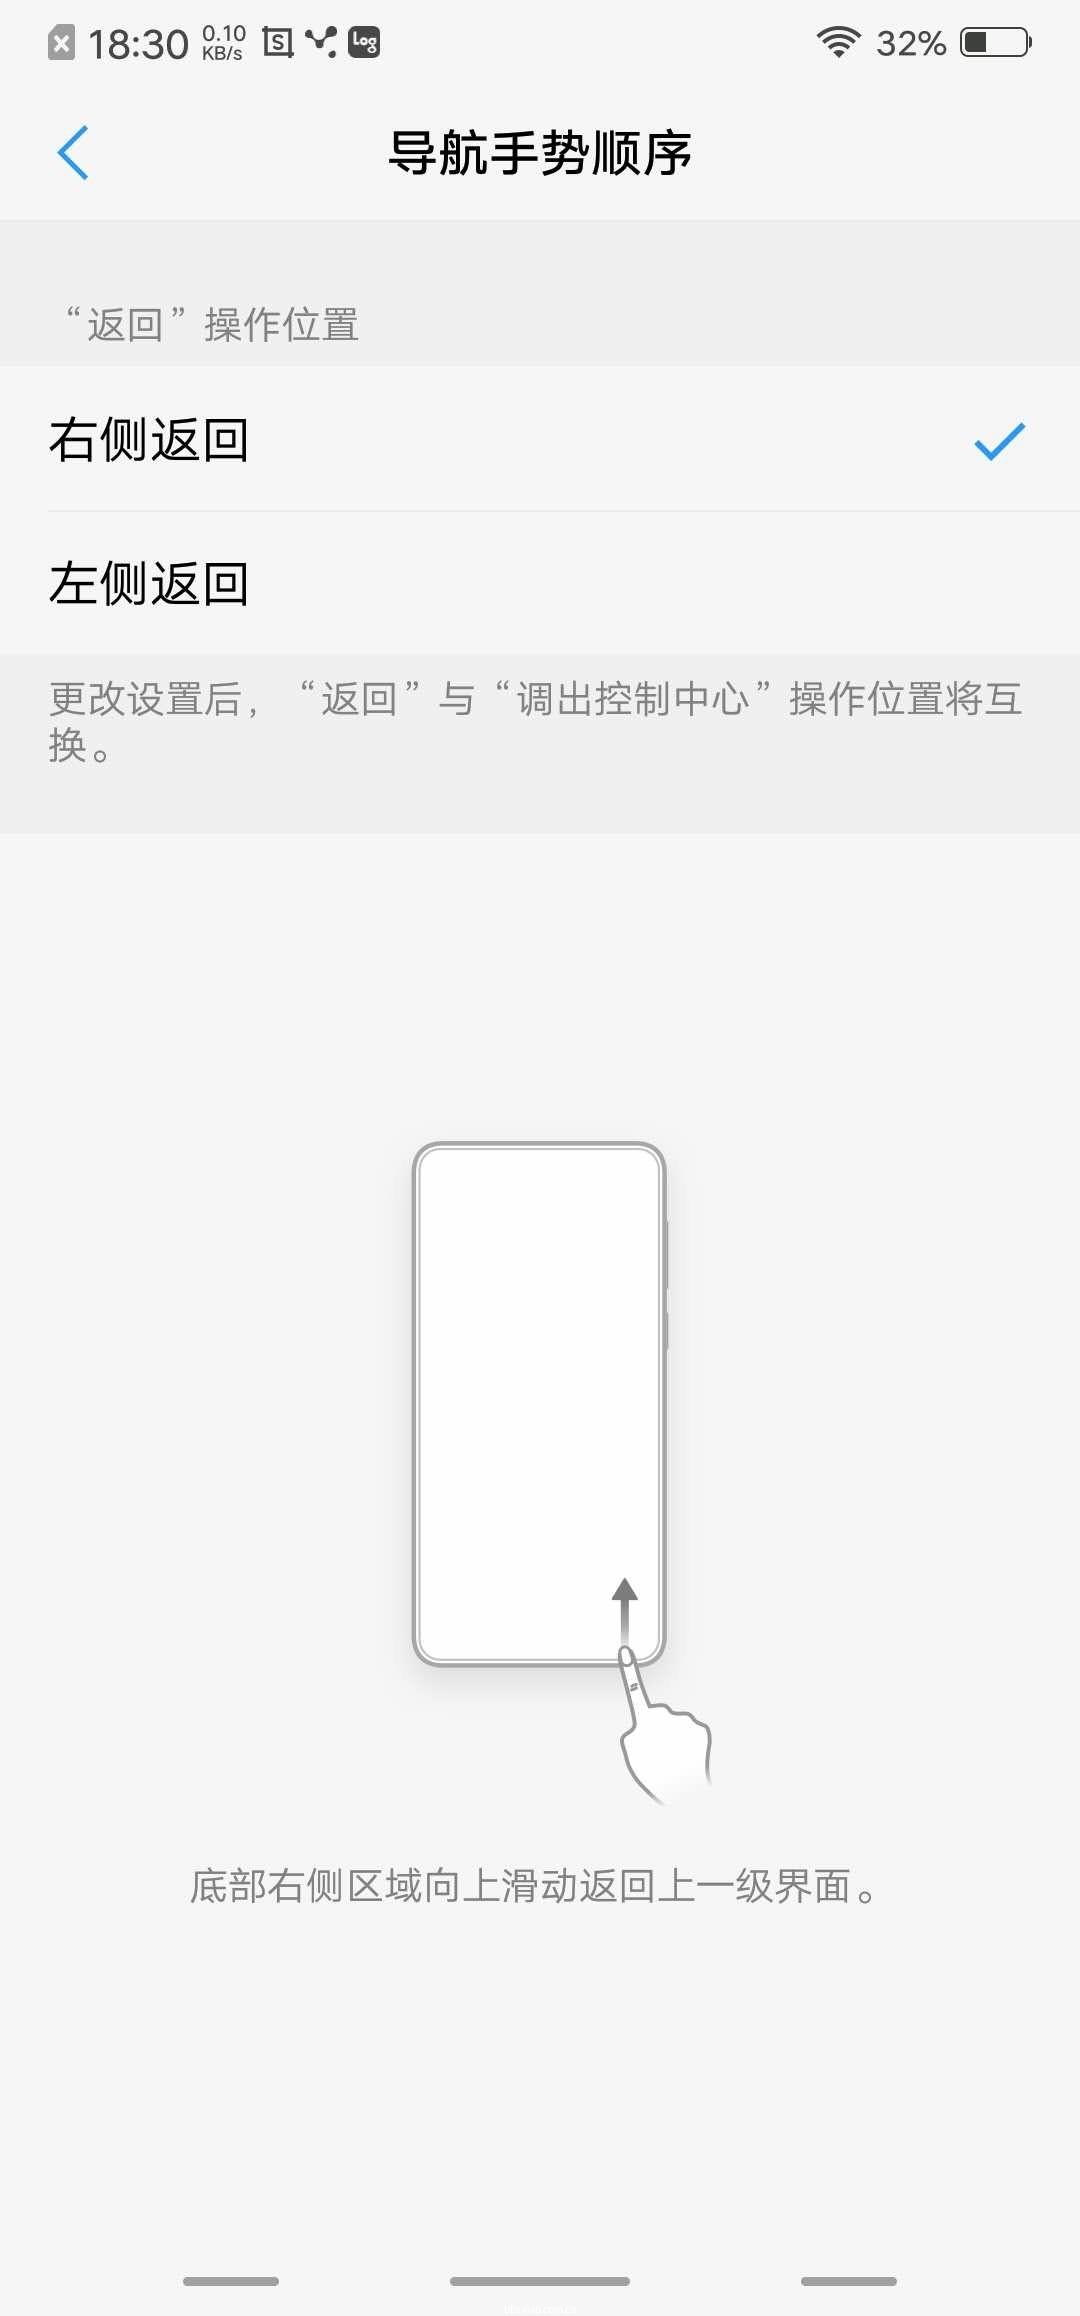 微信图片_20180703183431.jpg